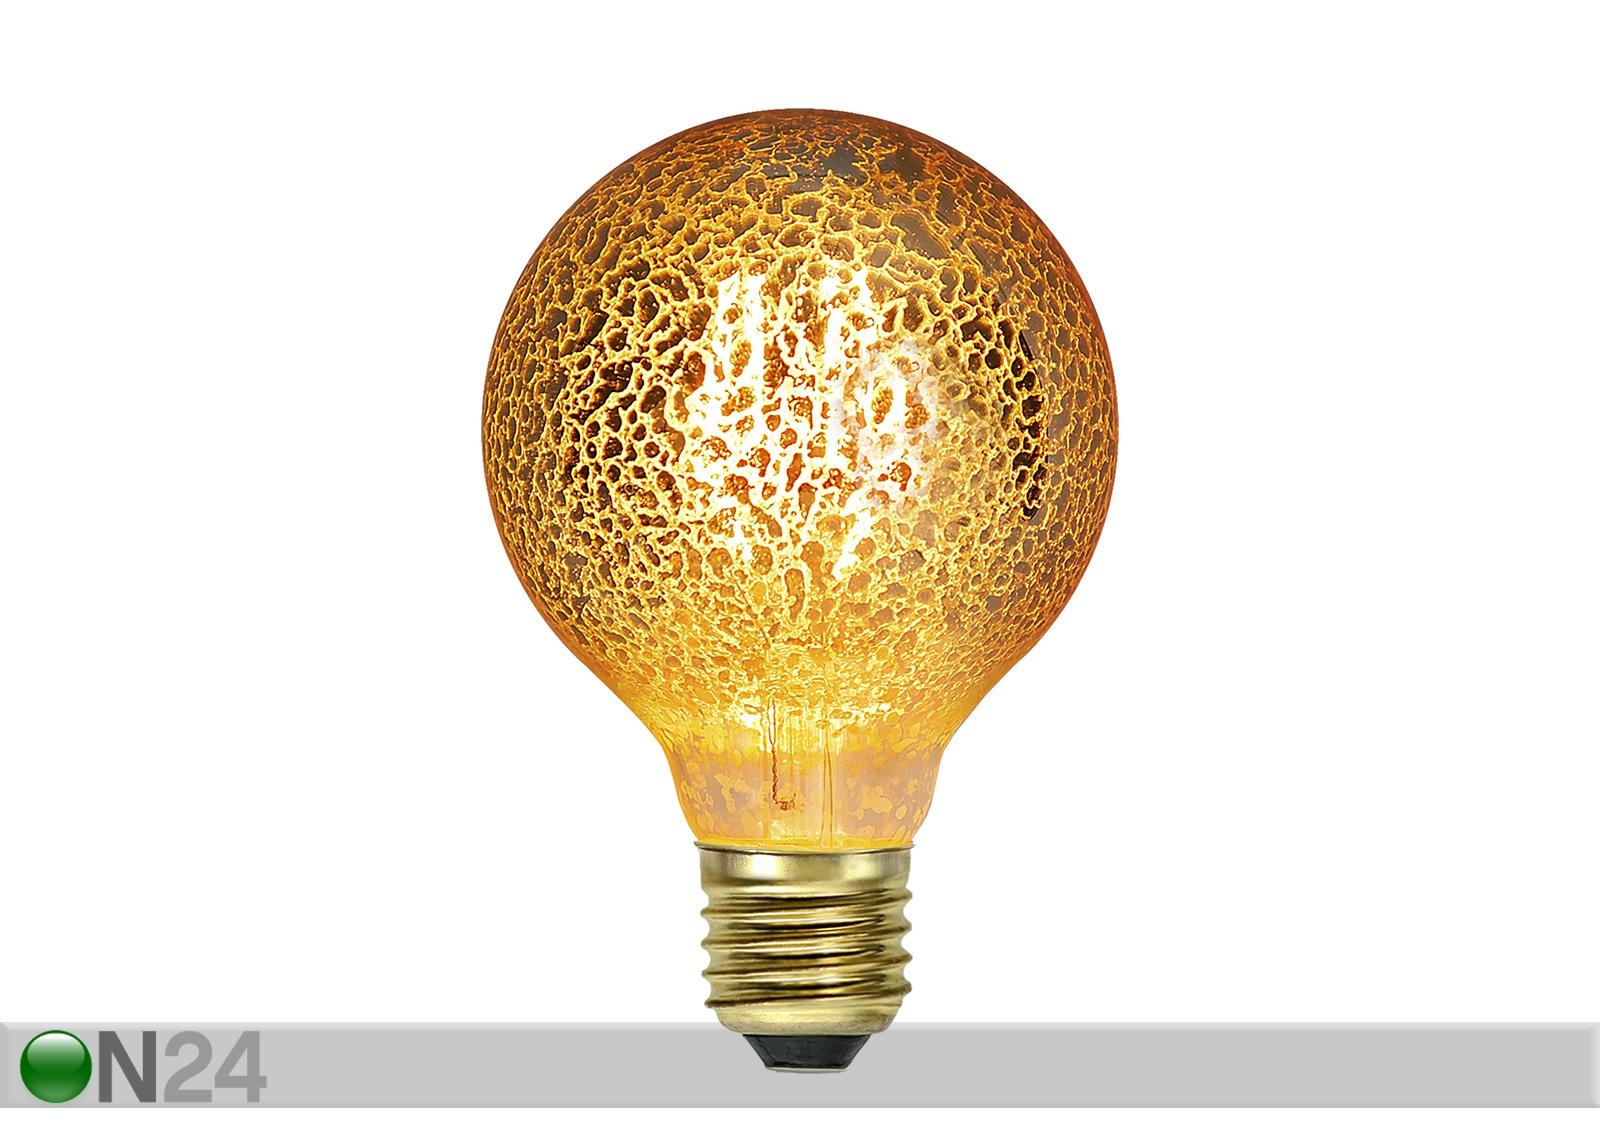 06640b31d04 Dekoratiivne LED pirn E27 3,5 W AA-152713 - ON24 Sisustuskaubamaja